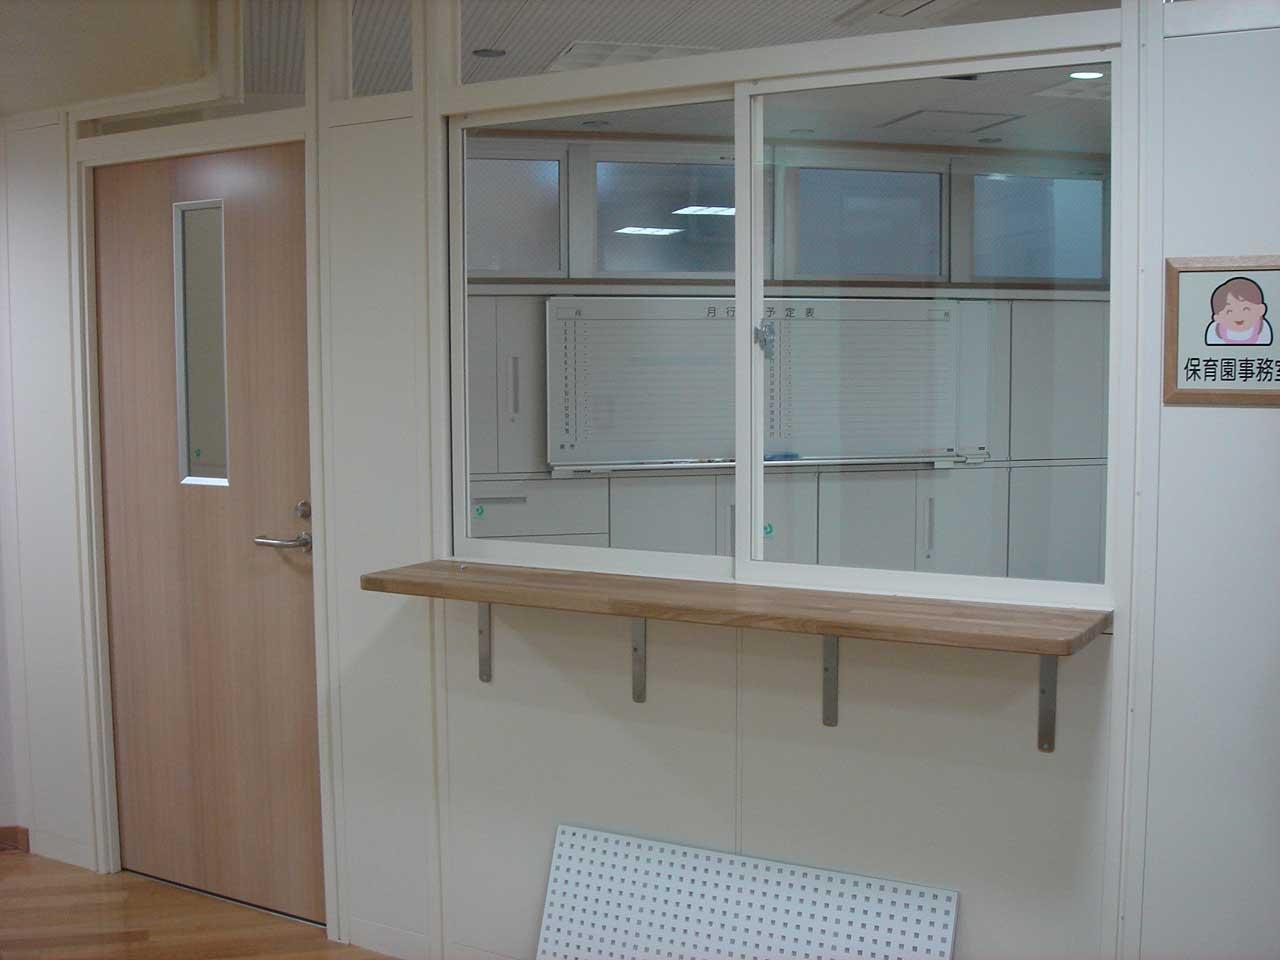 保育園事務室 調理室 屋内園庭 屋内園庭に設置されるフリークライミング ... 渋谷区議会議員